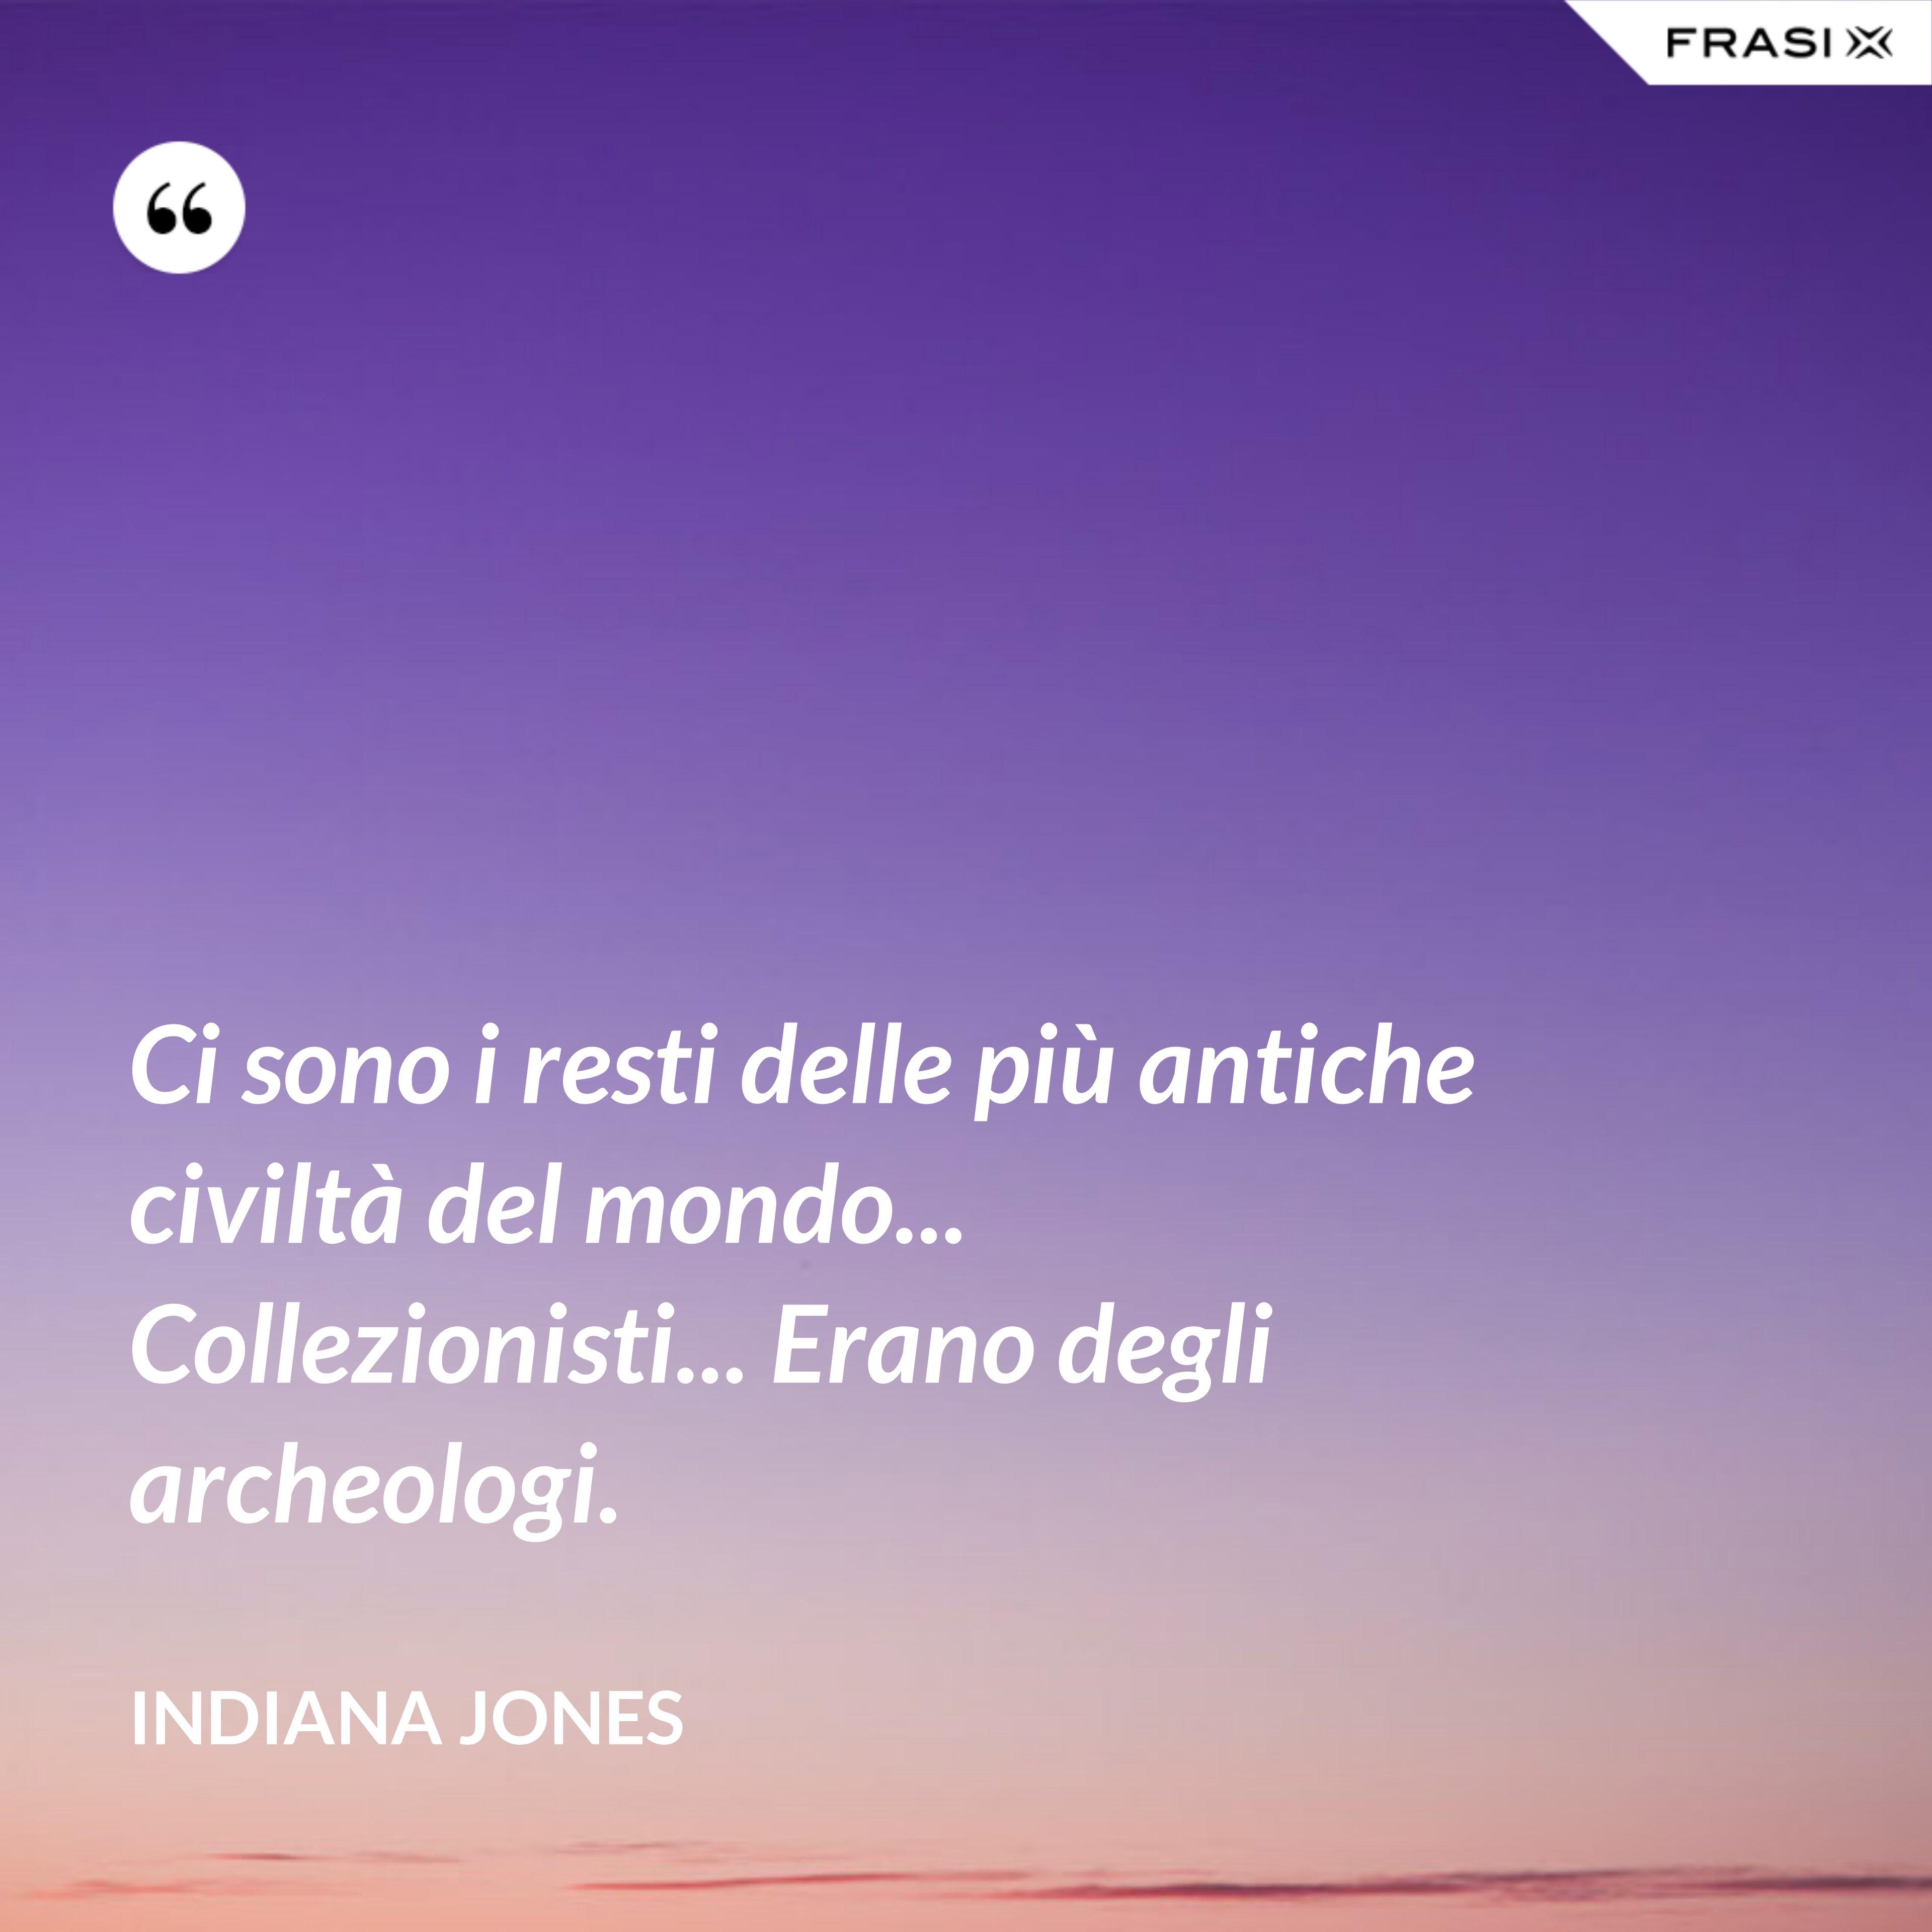 Ci sono i resti delle più antiche civiltà del mondo... Collezionisti... Erano degli archeologi. - Indiana Jones